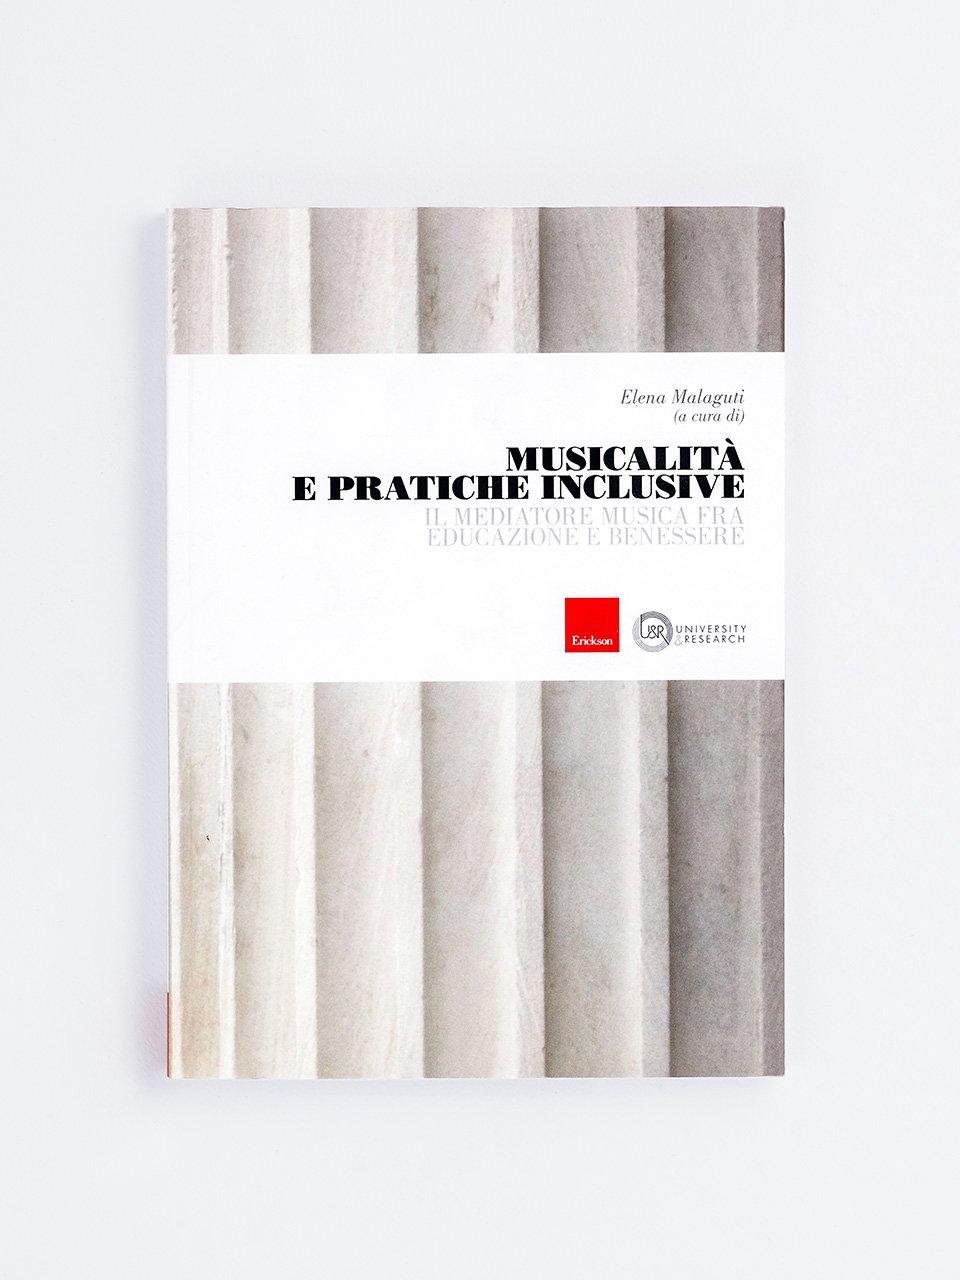 Musicalità e pratiche inclusive - Libri - Erickson